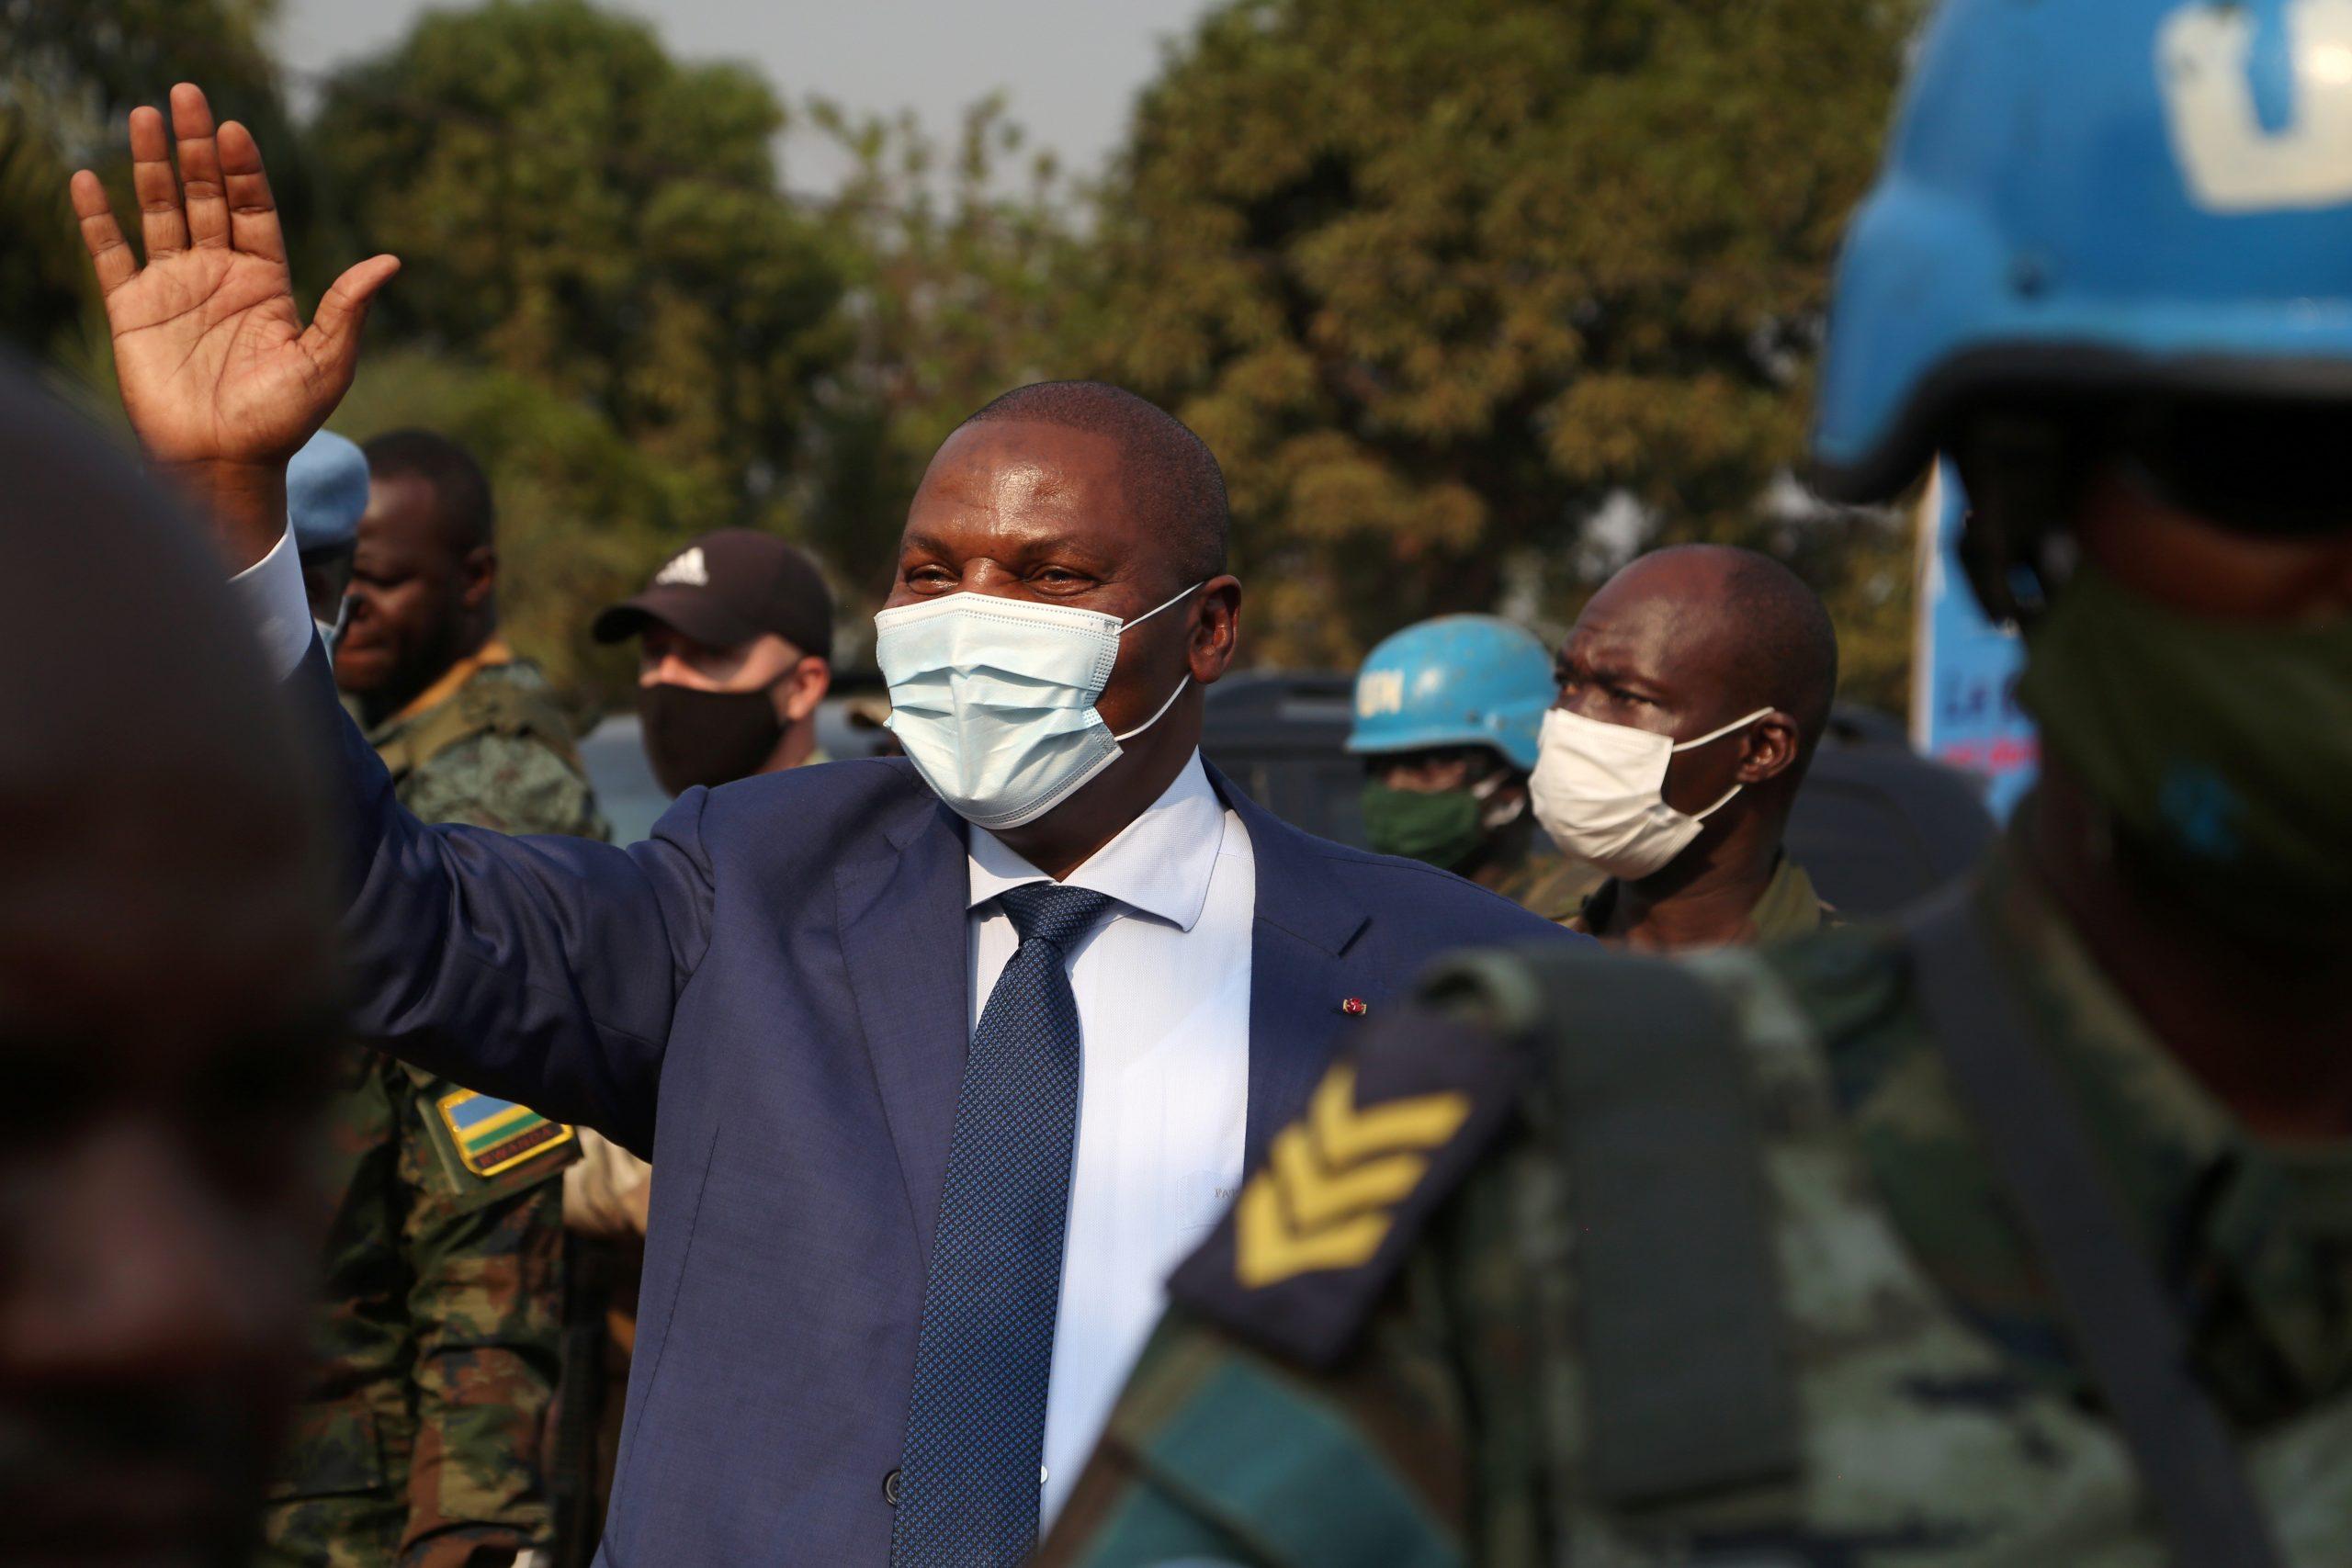 Le président centrafricain, Faustin-Archange Touadéra, salue ses partisans, le 18 janvier 2021 à Bangui, après l'annonce de sa réélection.